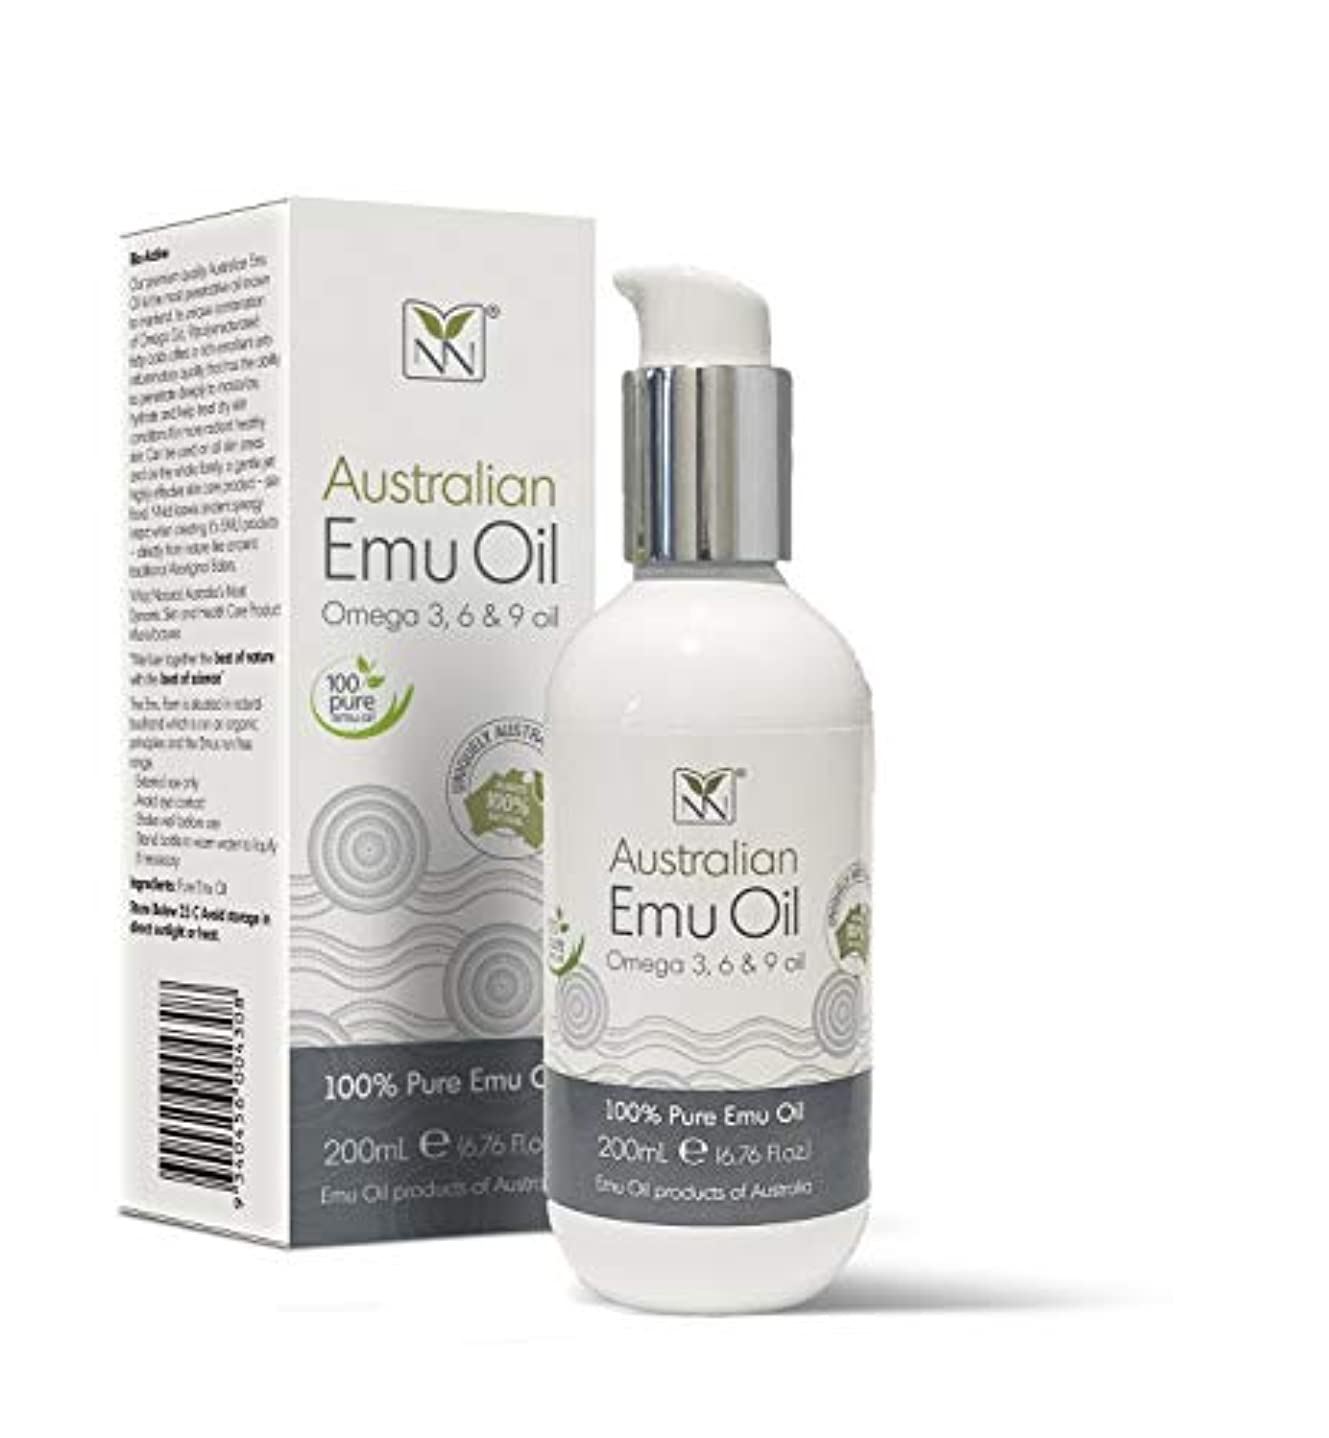 崇拝する有用勧告Y Not Natural エミューオイル EMU OIL 無添加100% 保湿性 浸透性 抜群 プレミアム品質 エミュー油 (200 ml)